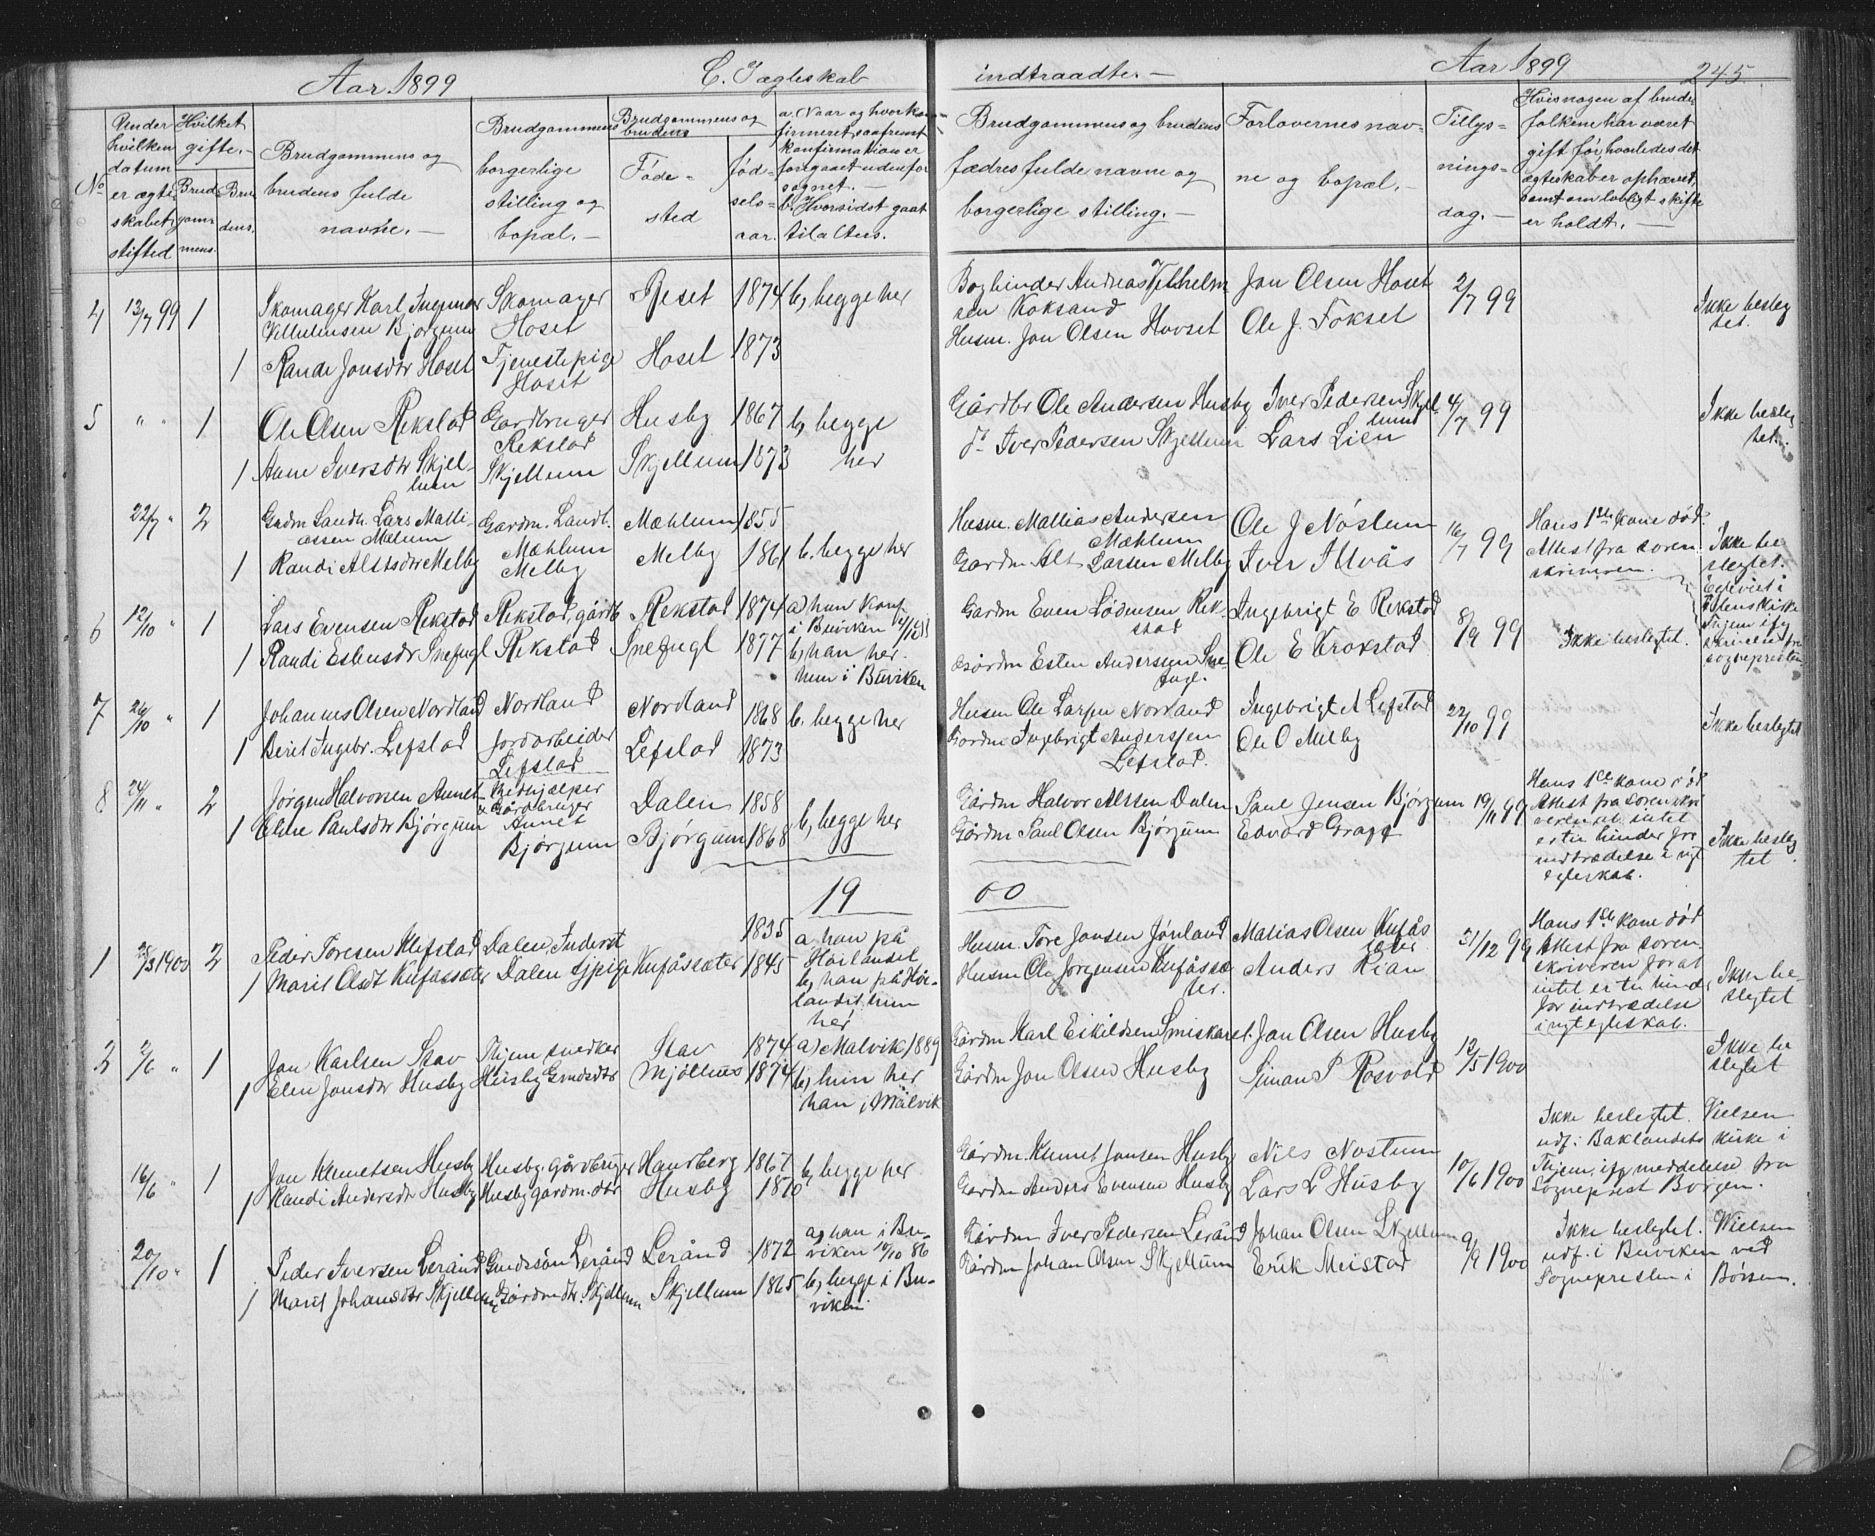 SAT, Ministerialprotokoller, klokkerbøker og fødselsregistre - Sør-Trøndelag, 667/L0798: Klokkerbok nr. 667C03, 1867-1929, s. 245